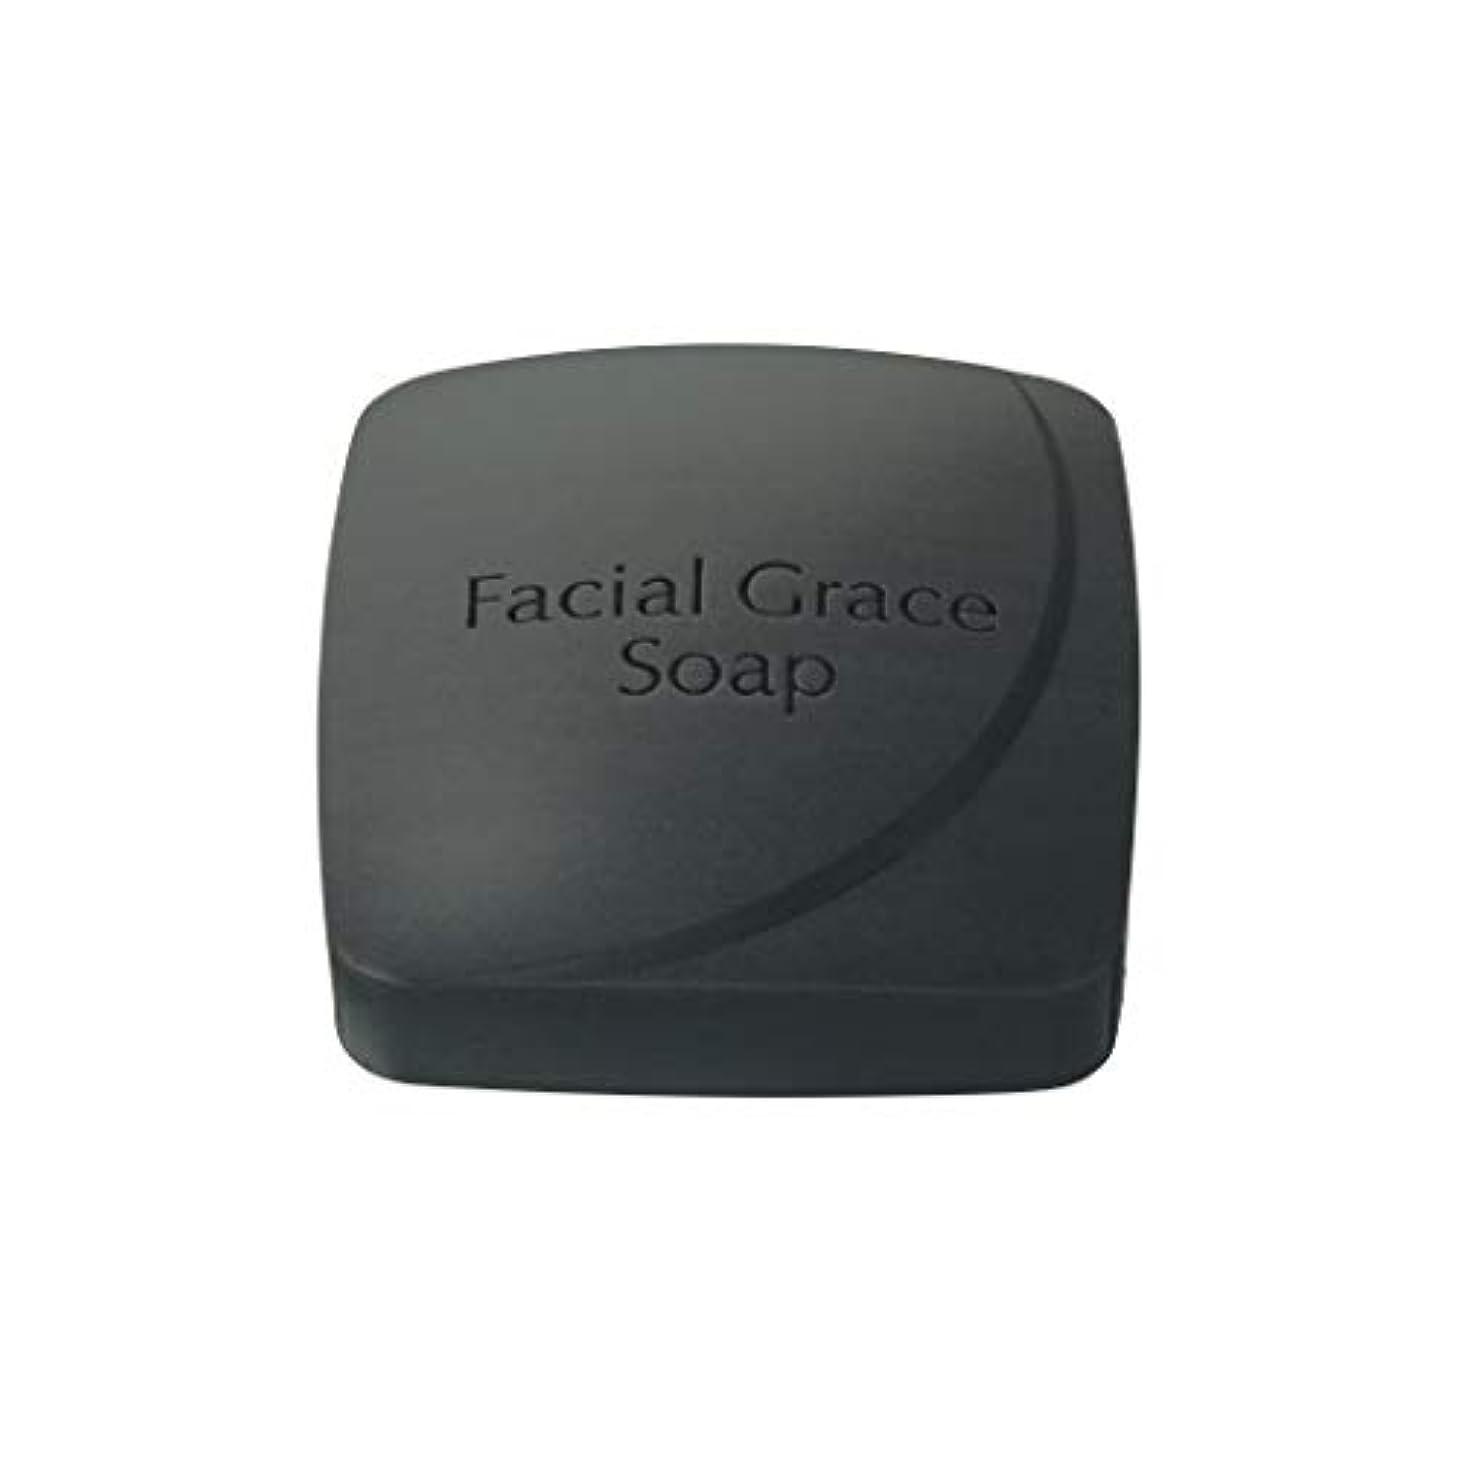 有毒本能普遍的なアテニア フェイシャルグレイスソープ 石鹸 洗顔 エイジングケア 100g 洗顔せっけん